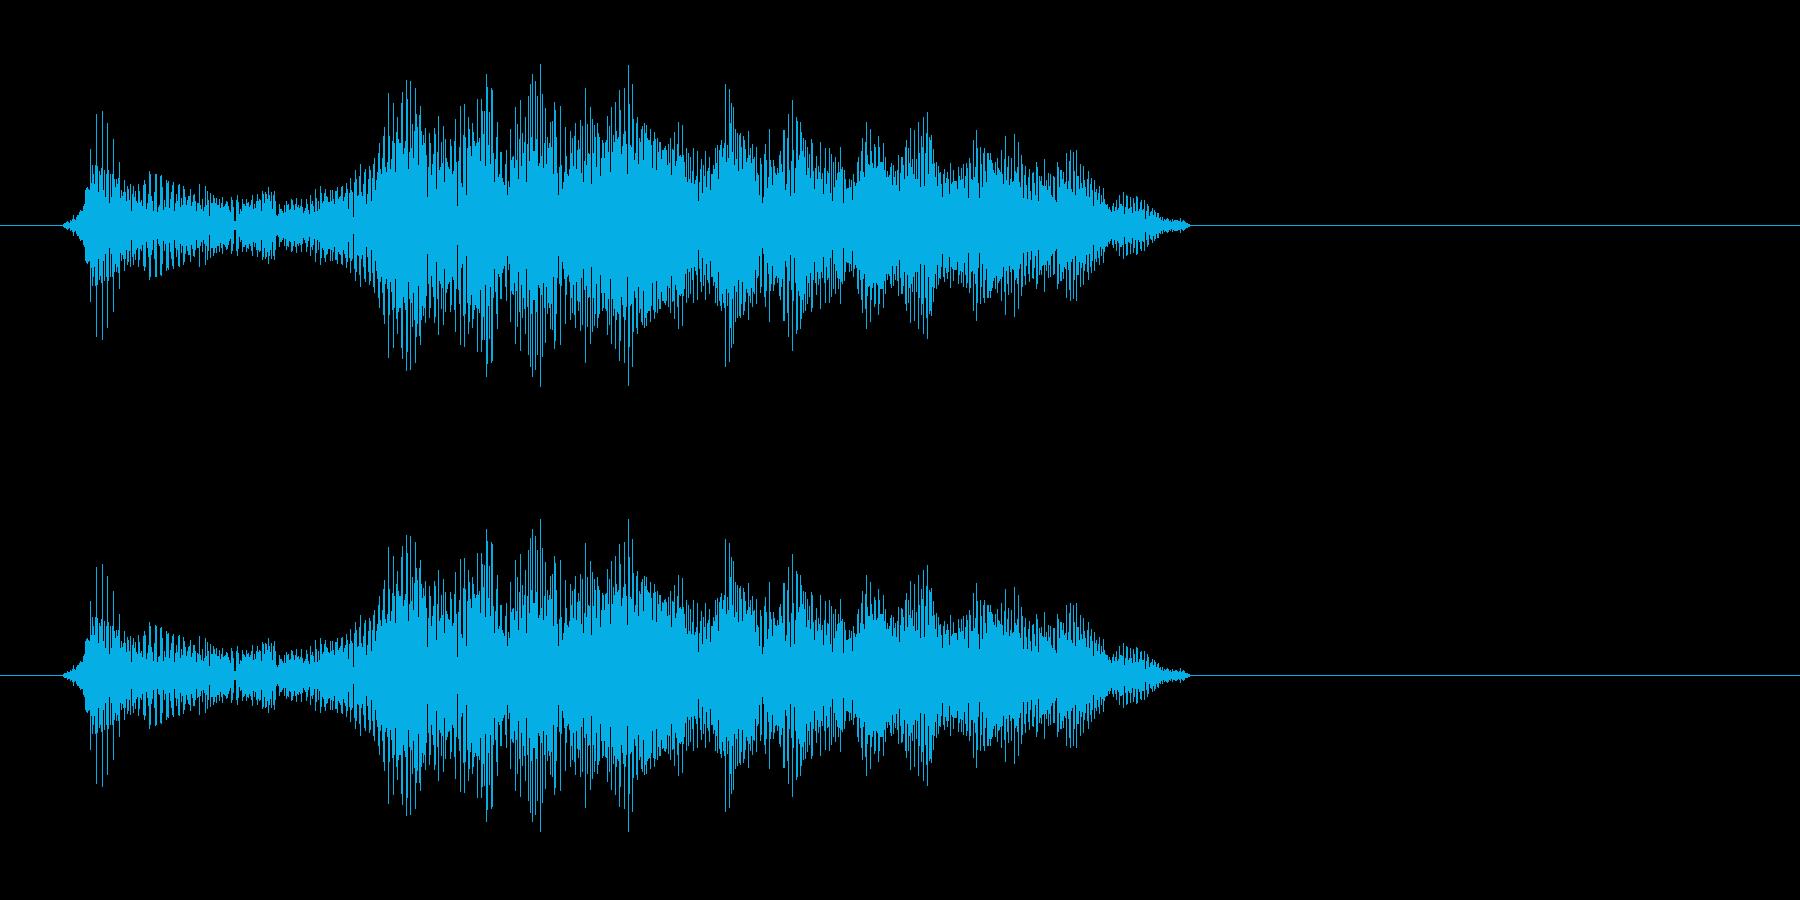 ピキーッ(高音で鋭い効果音)の再生済みの波形